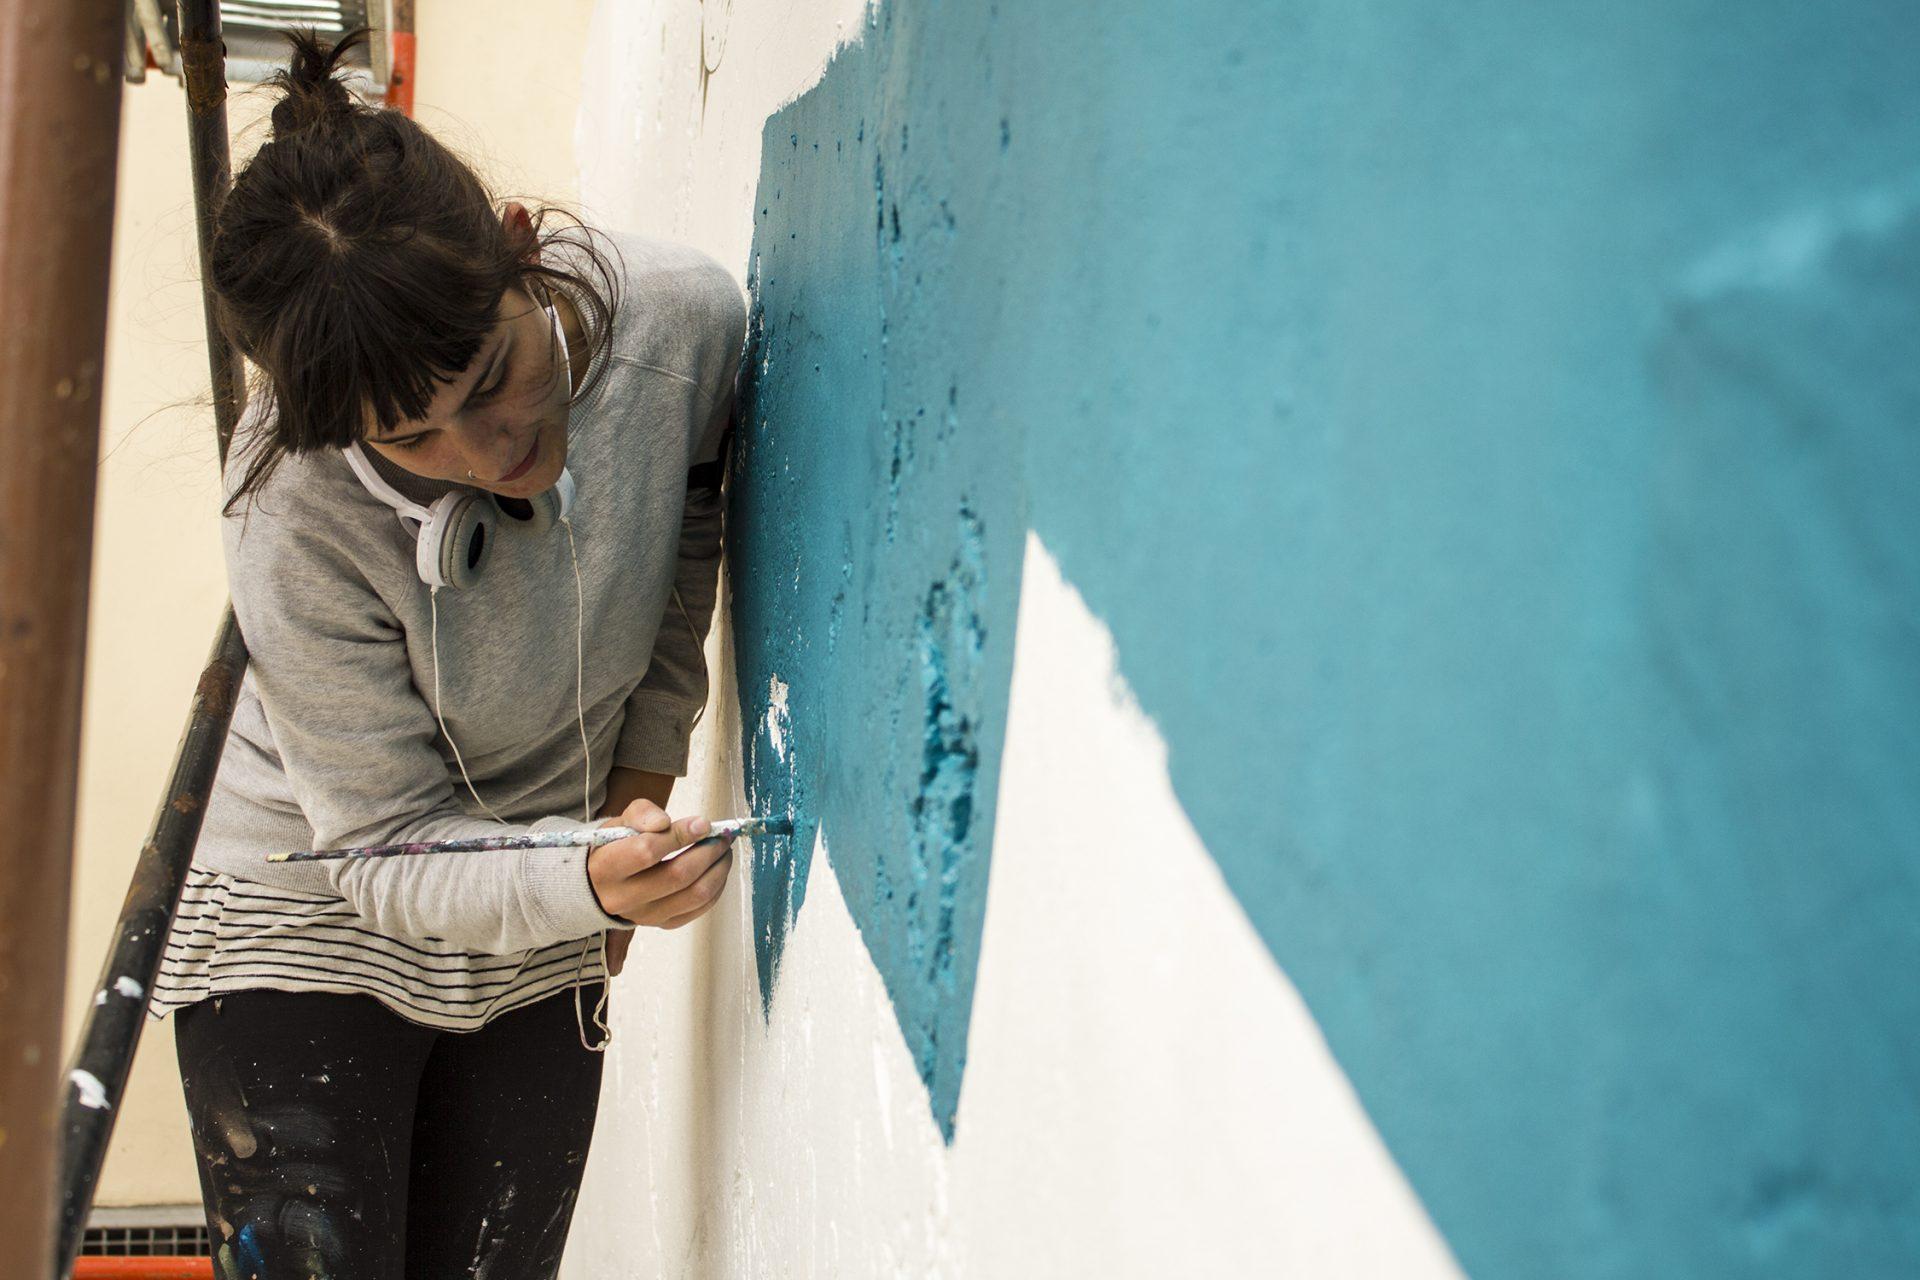 Laura mural2